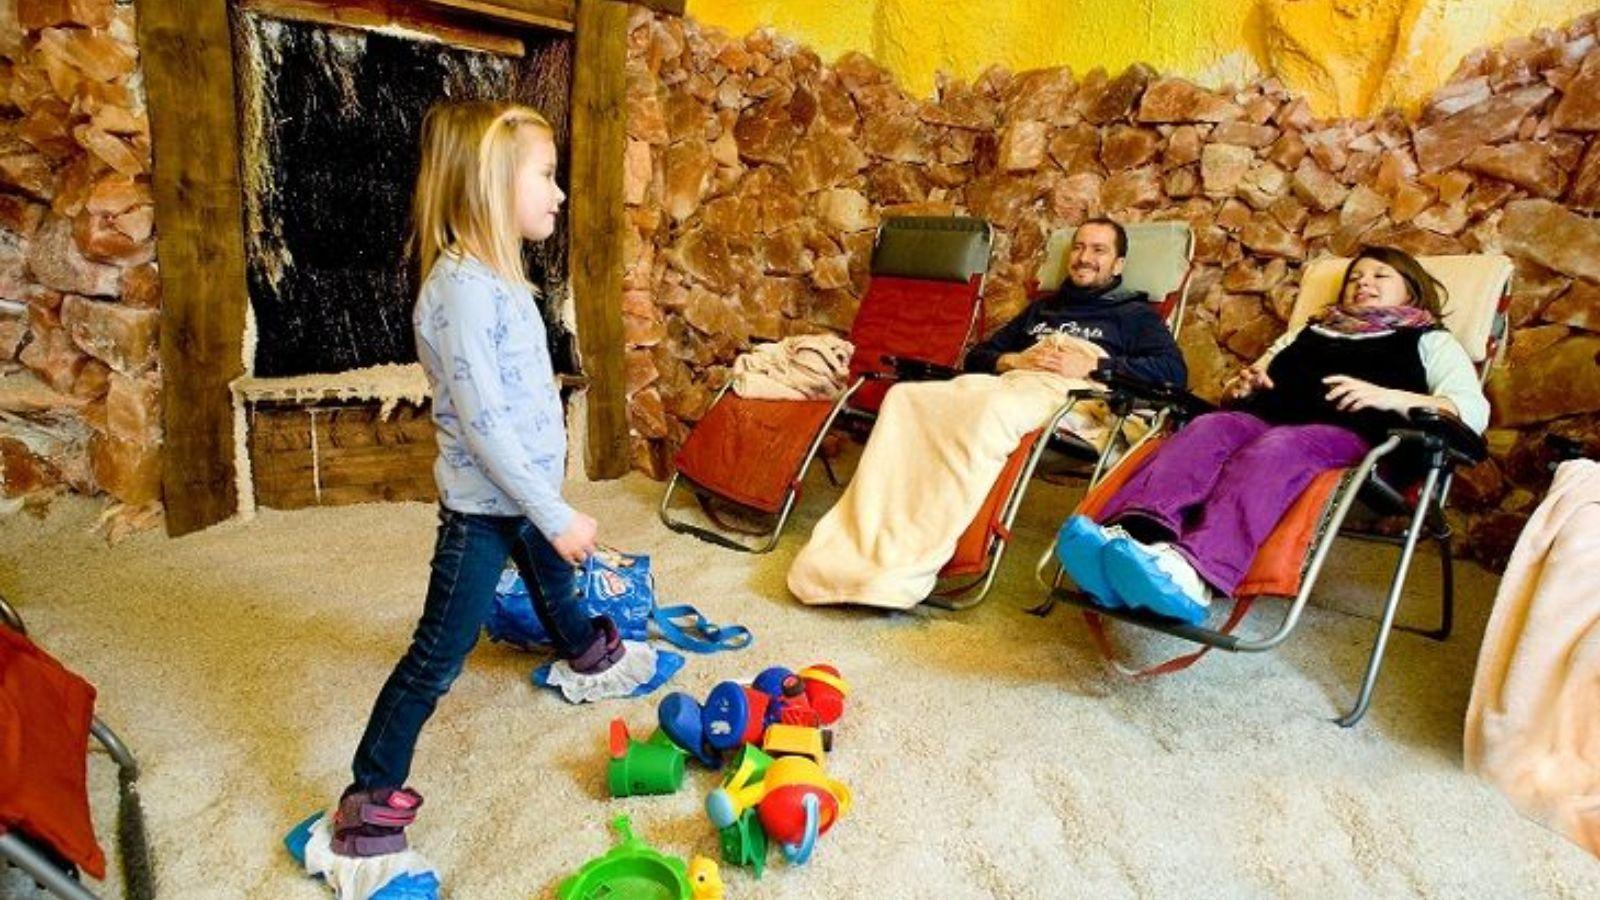 Familie in der Salzgrotte im Hase Bad Bramsche